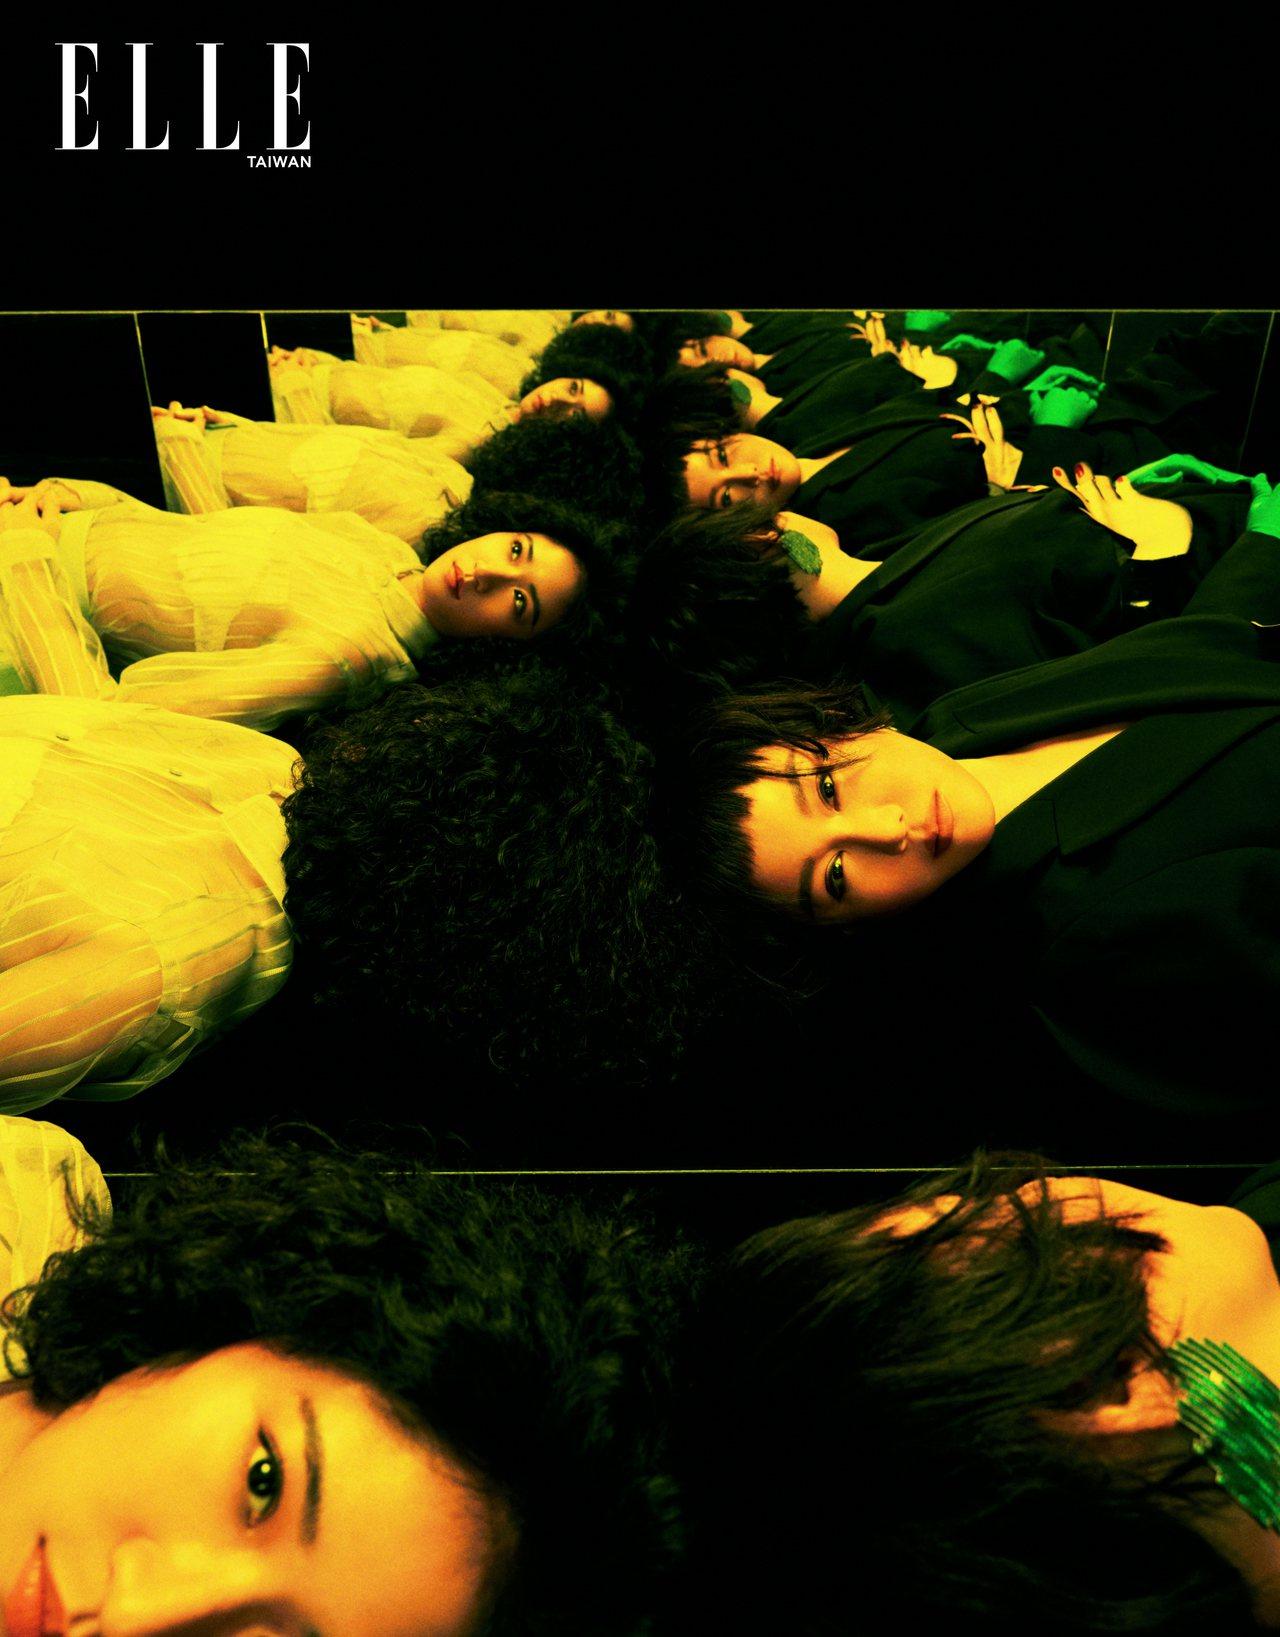 蓝心湄:开襟西装外套、西装长裤、蓝色手套、绿色裤袜、PVC手指腰带(ALL BY...